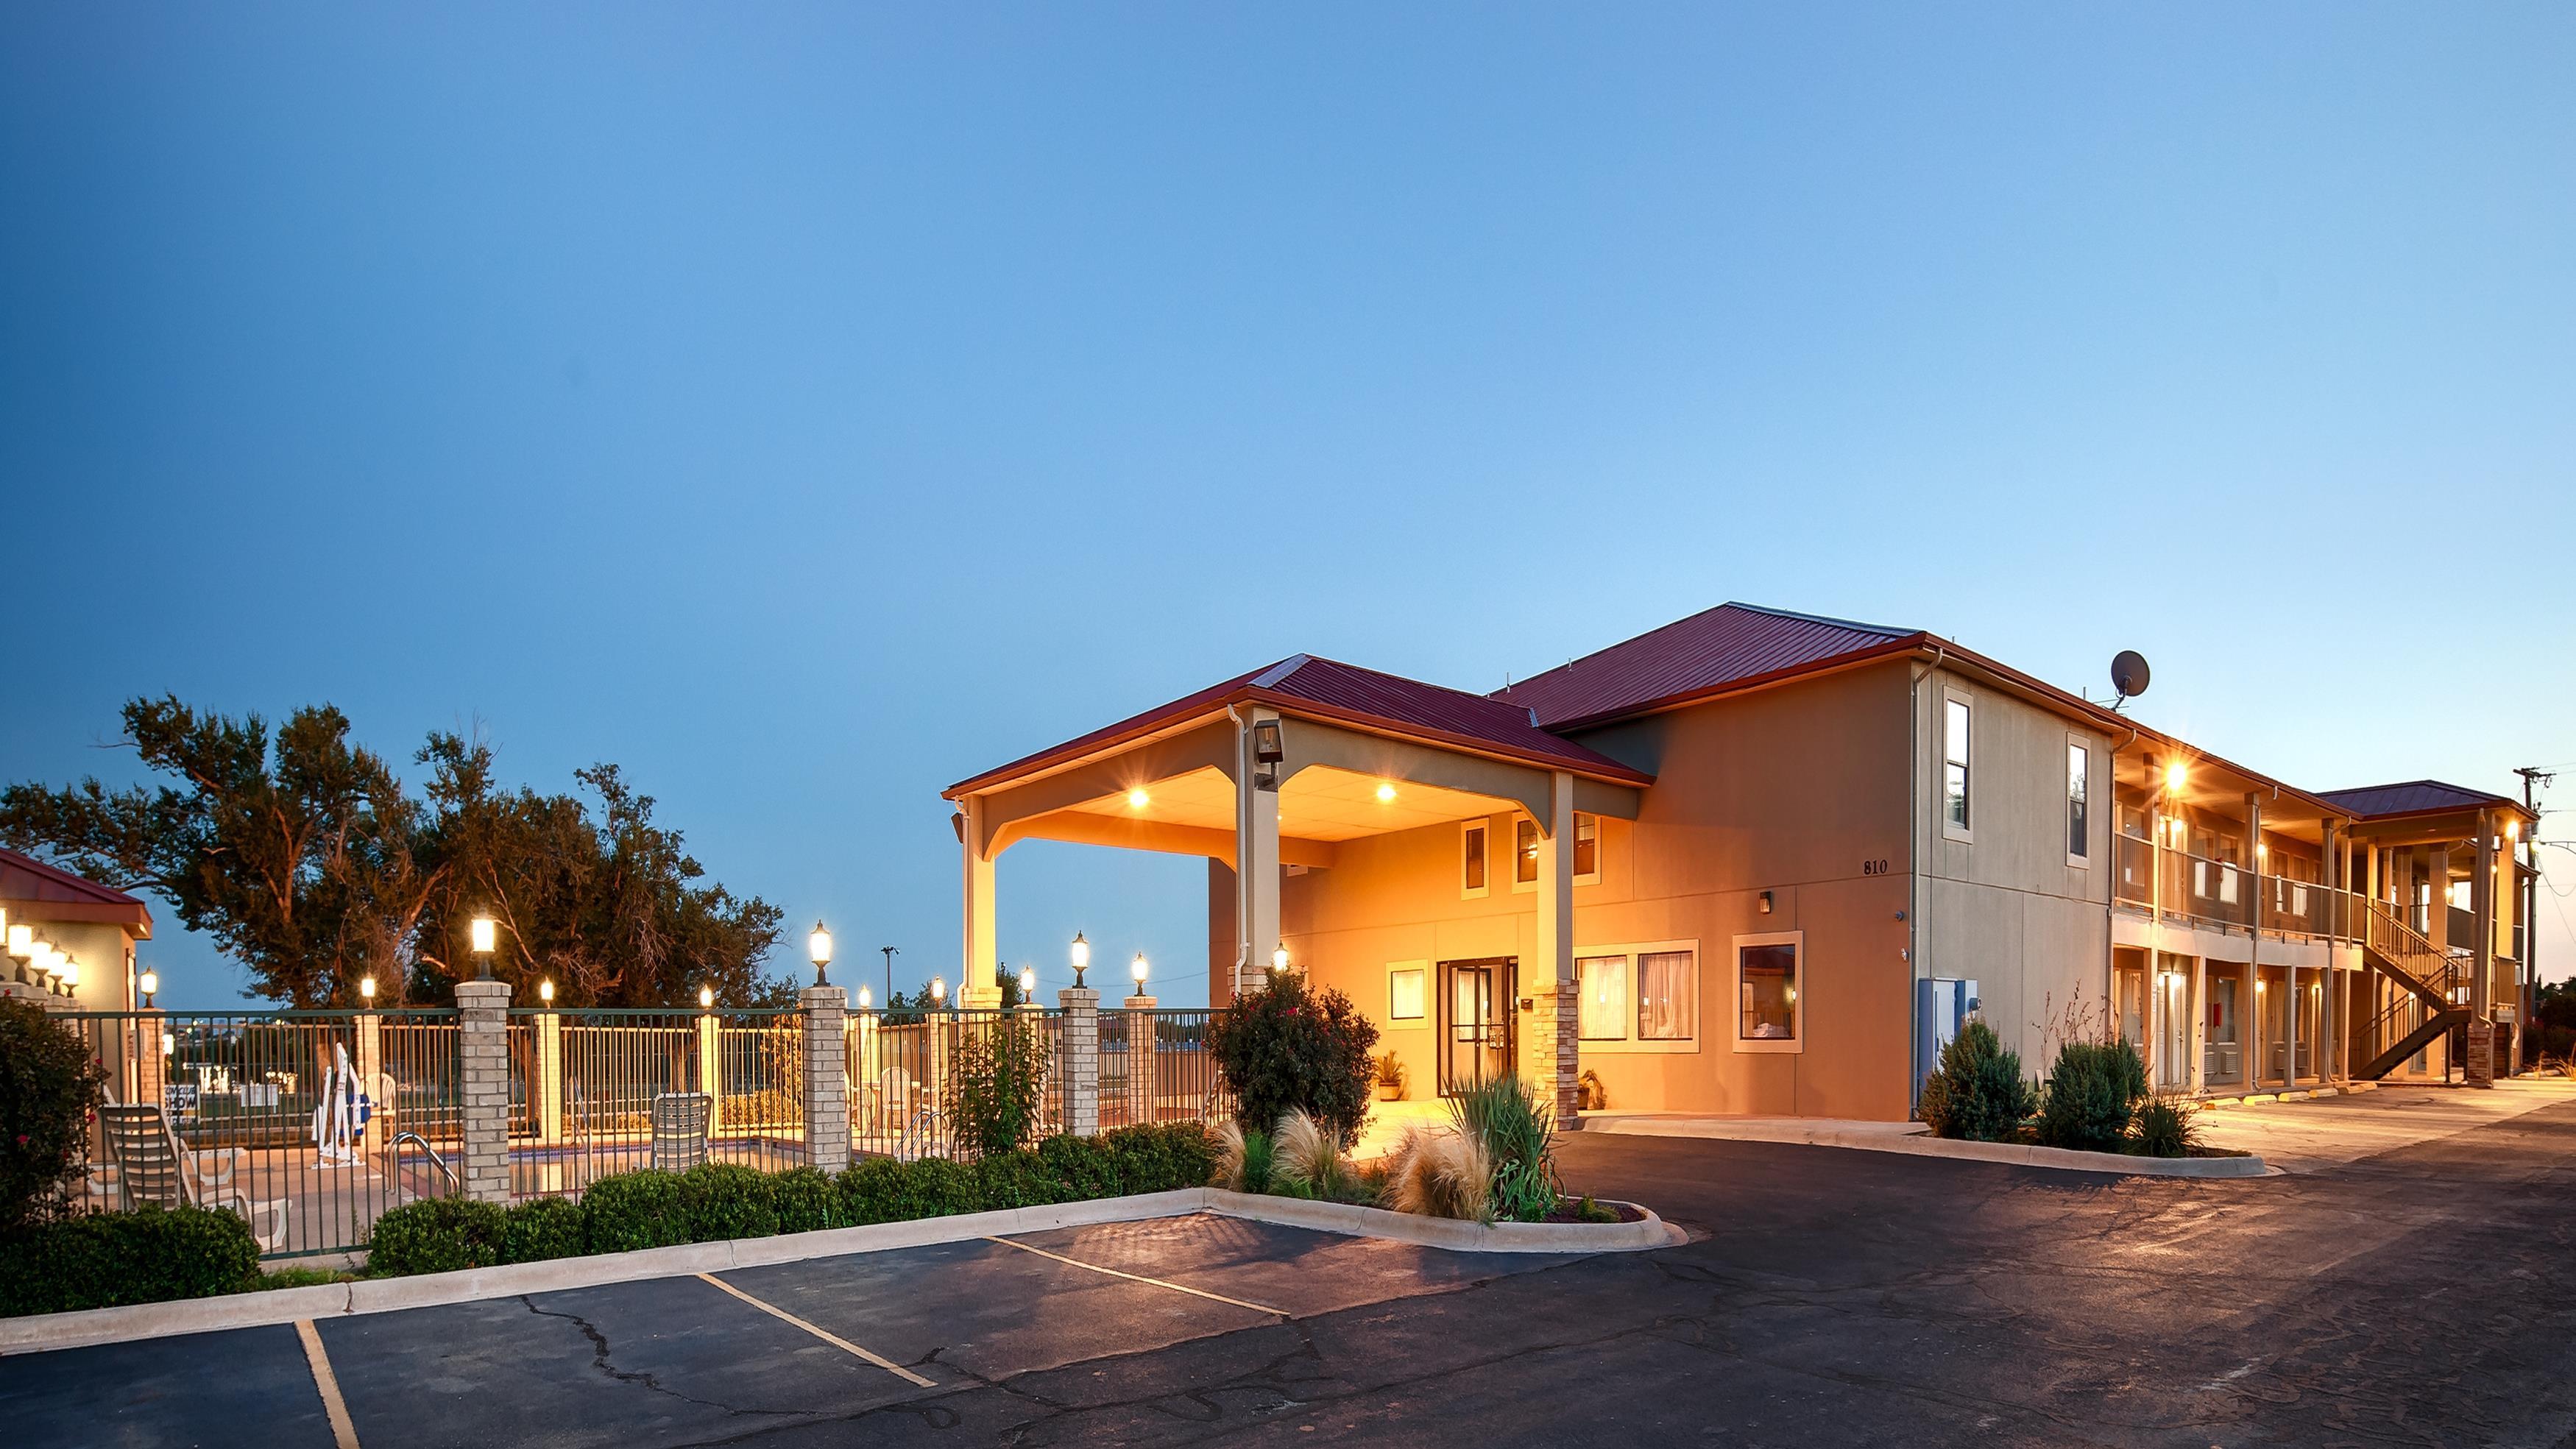 Best Western Hotel Snyder Tx